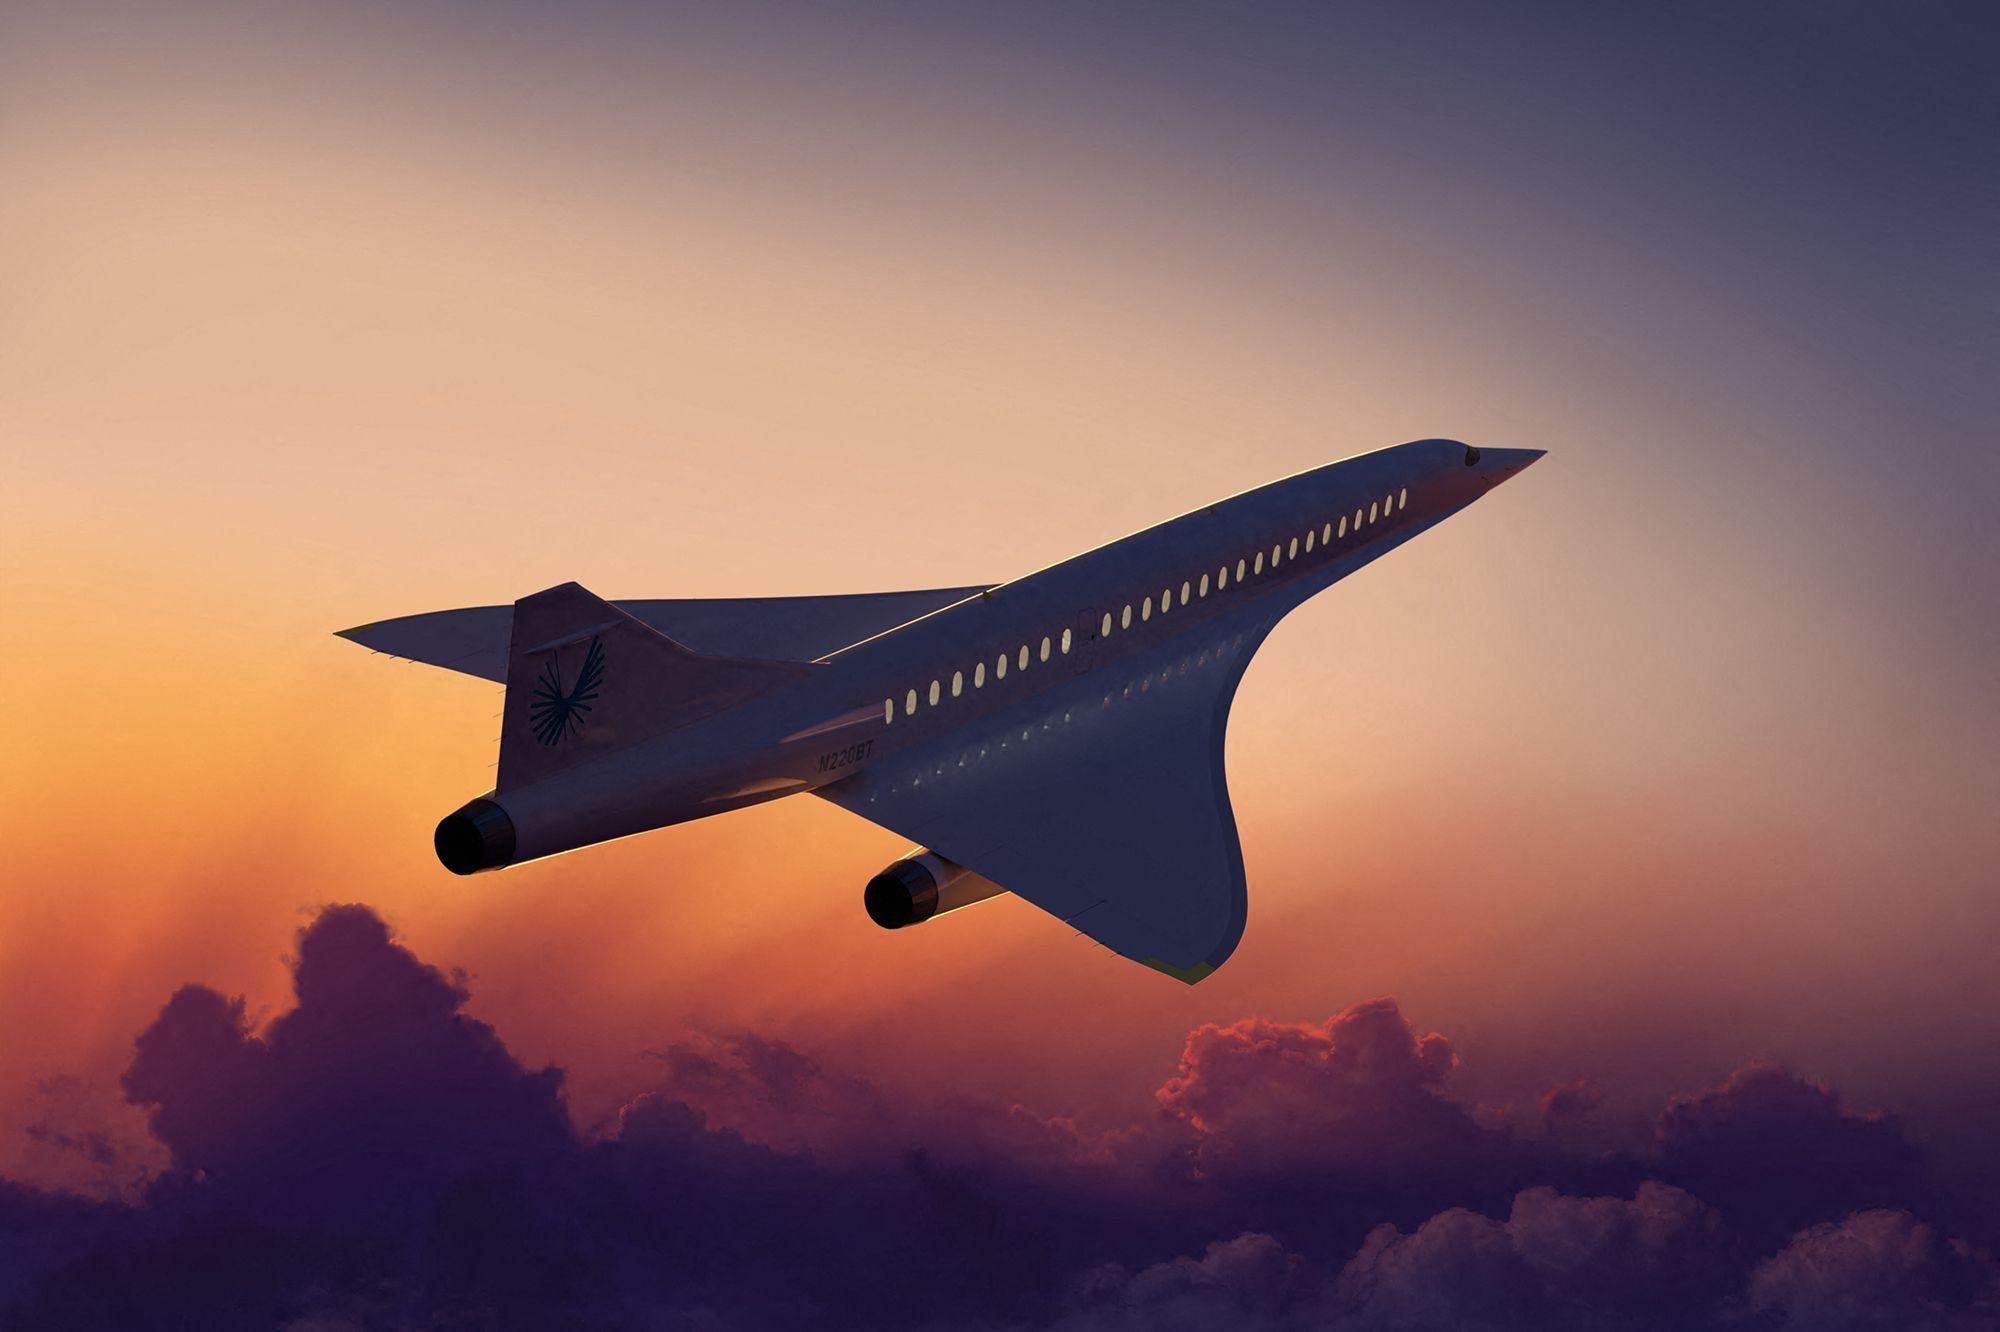 Boom dévoile l'héritier du Concorde, l'avion supersonique XB-1